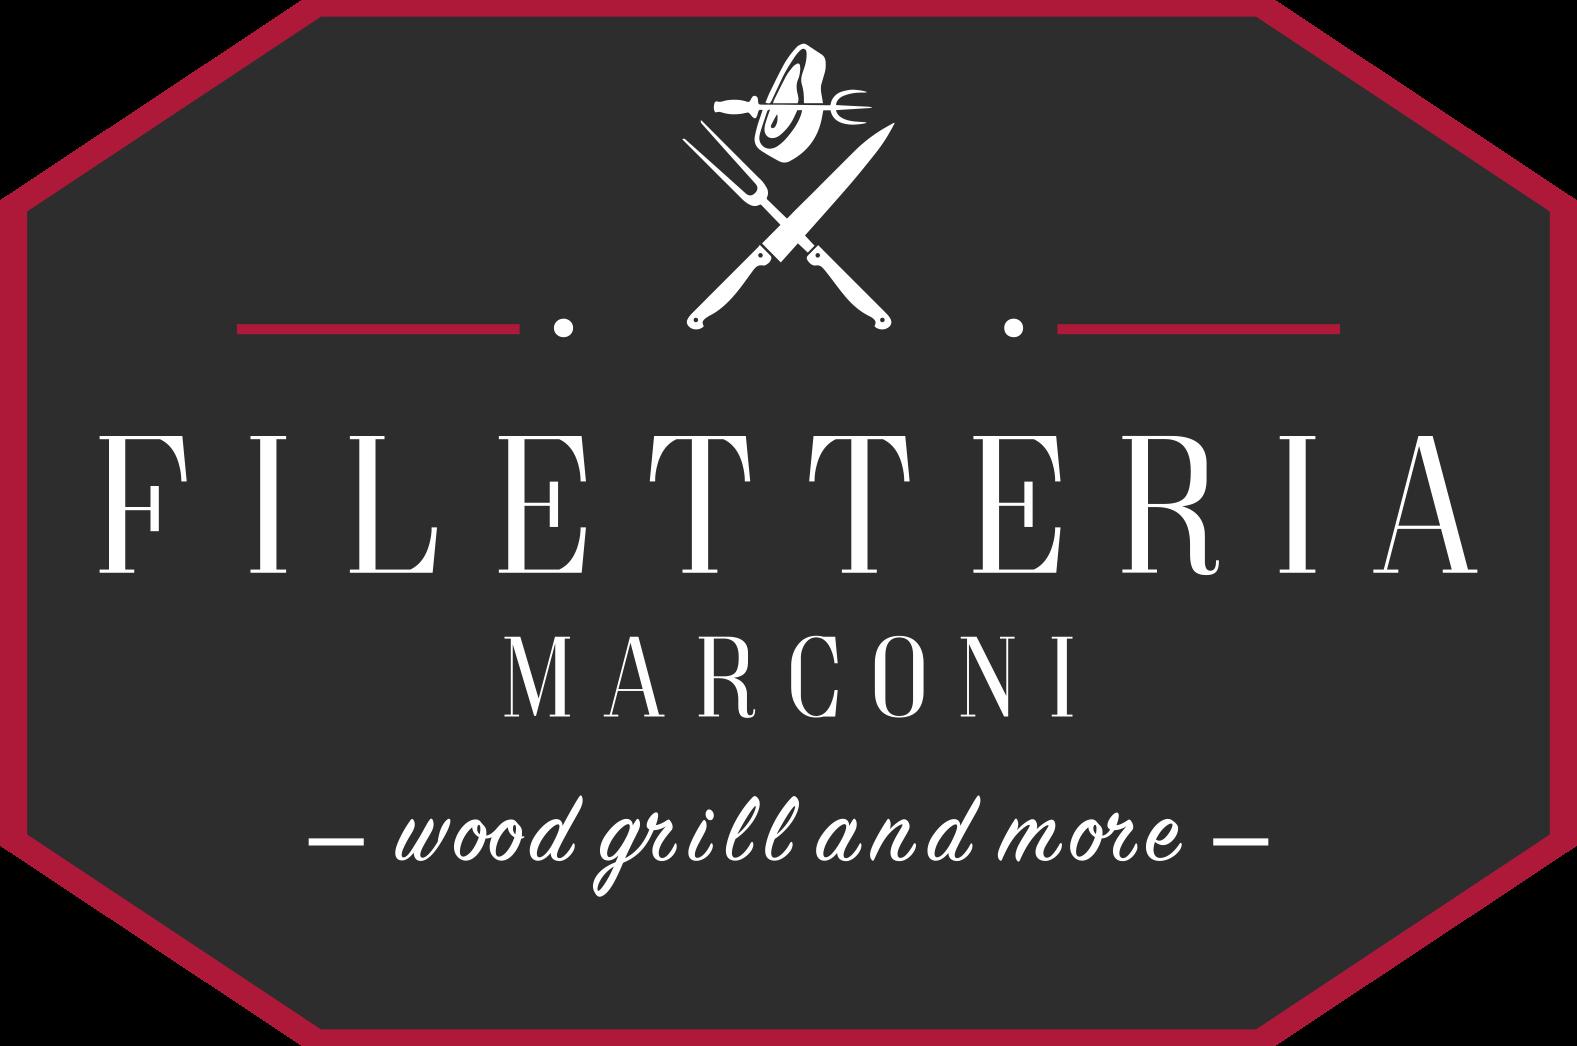 Filetteria Marconi